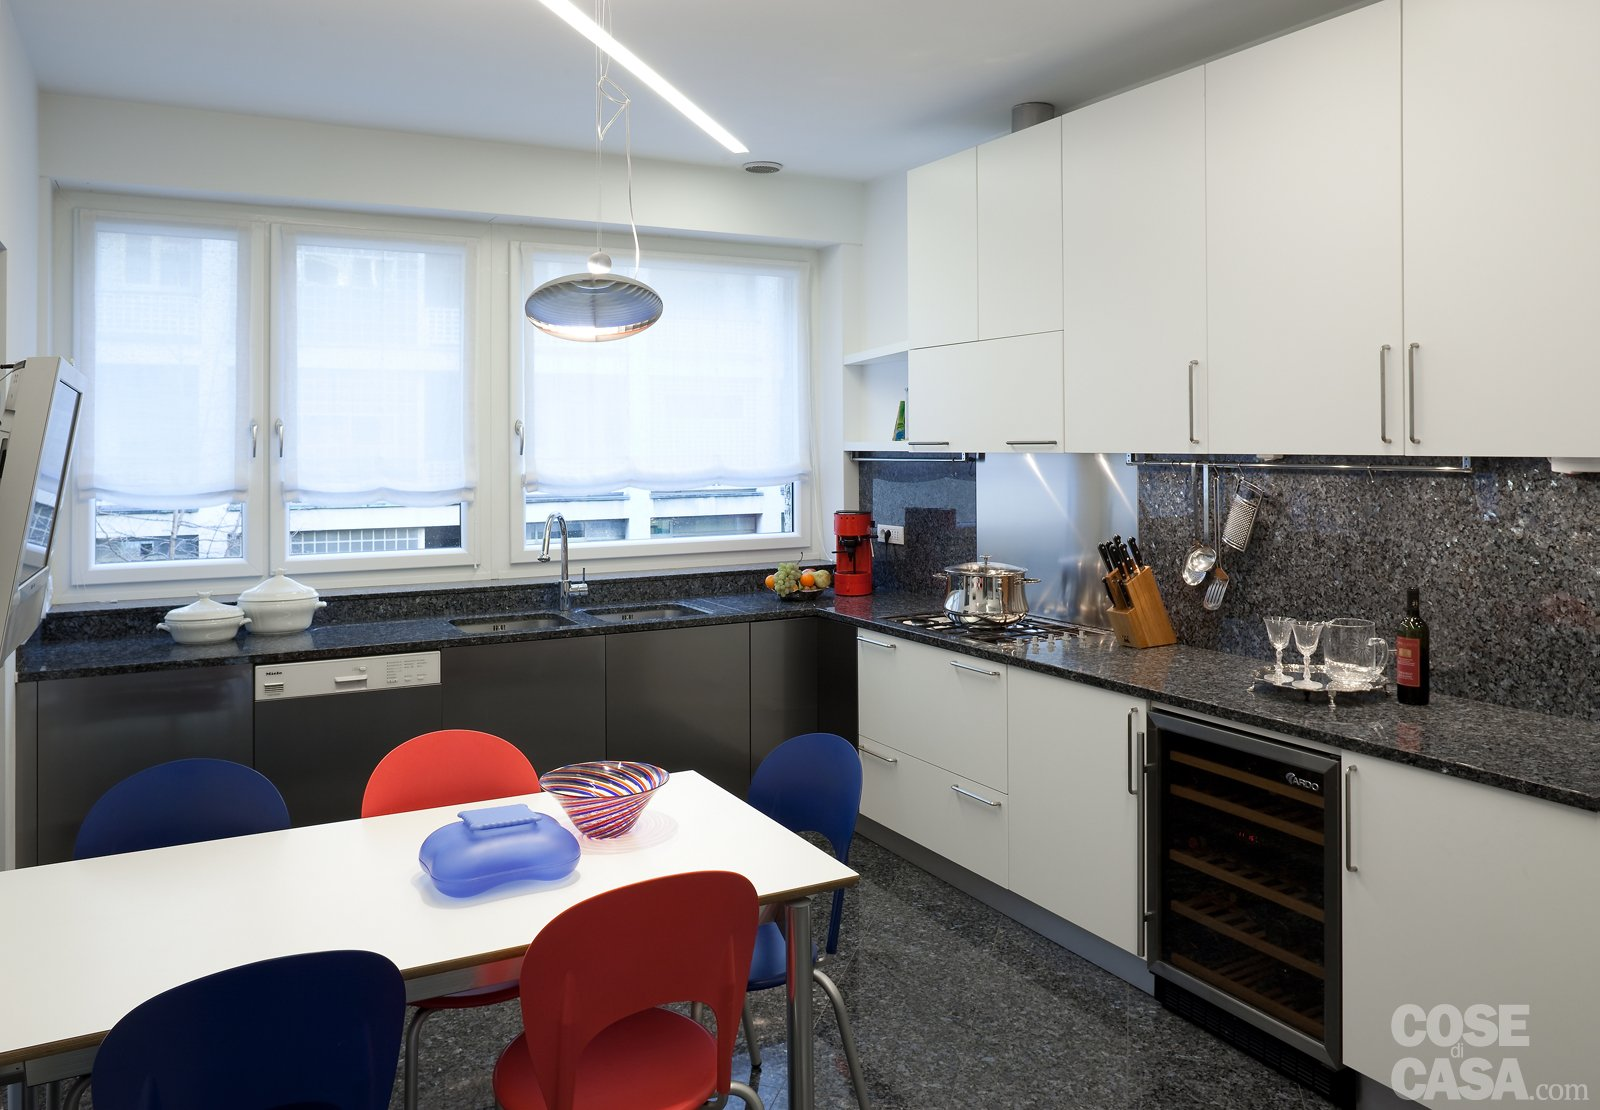 Cucina Ad Angolo Con Finestra: Cucina con lavabo sotto la finestra ...